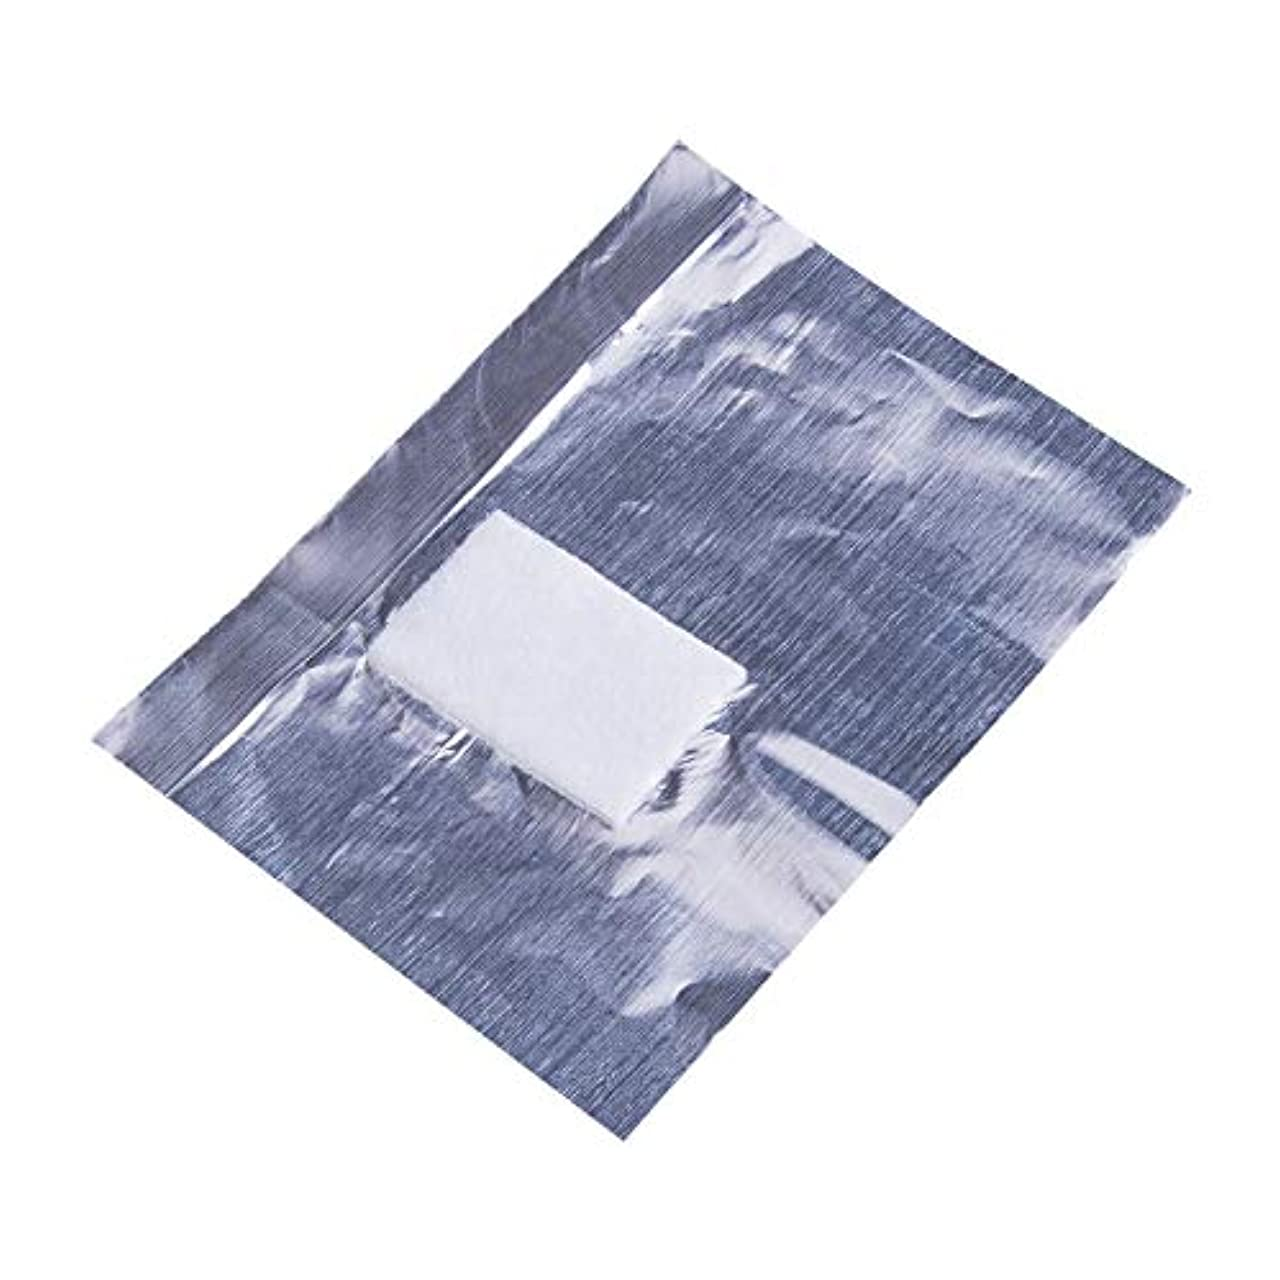 ジェルネイルオフ 使い捨て コットン付きアルミホイル ジェルネイルリムーバー アクリルUVジェル マニキュア用品 ネイル用品 (50pcs)